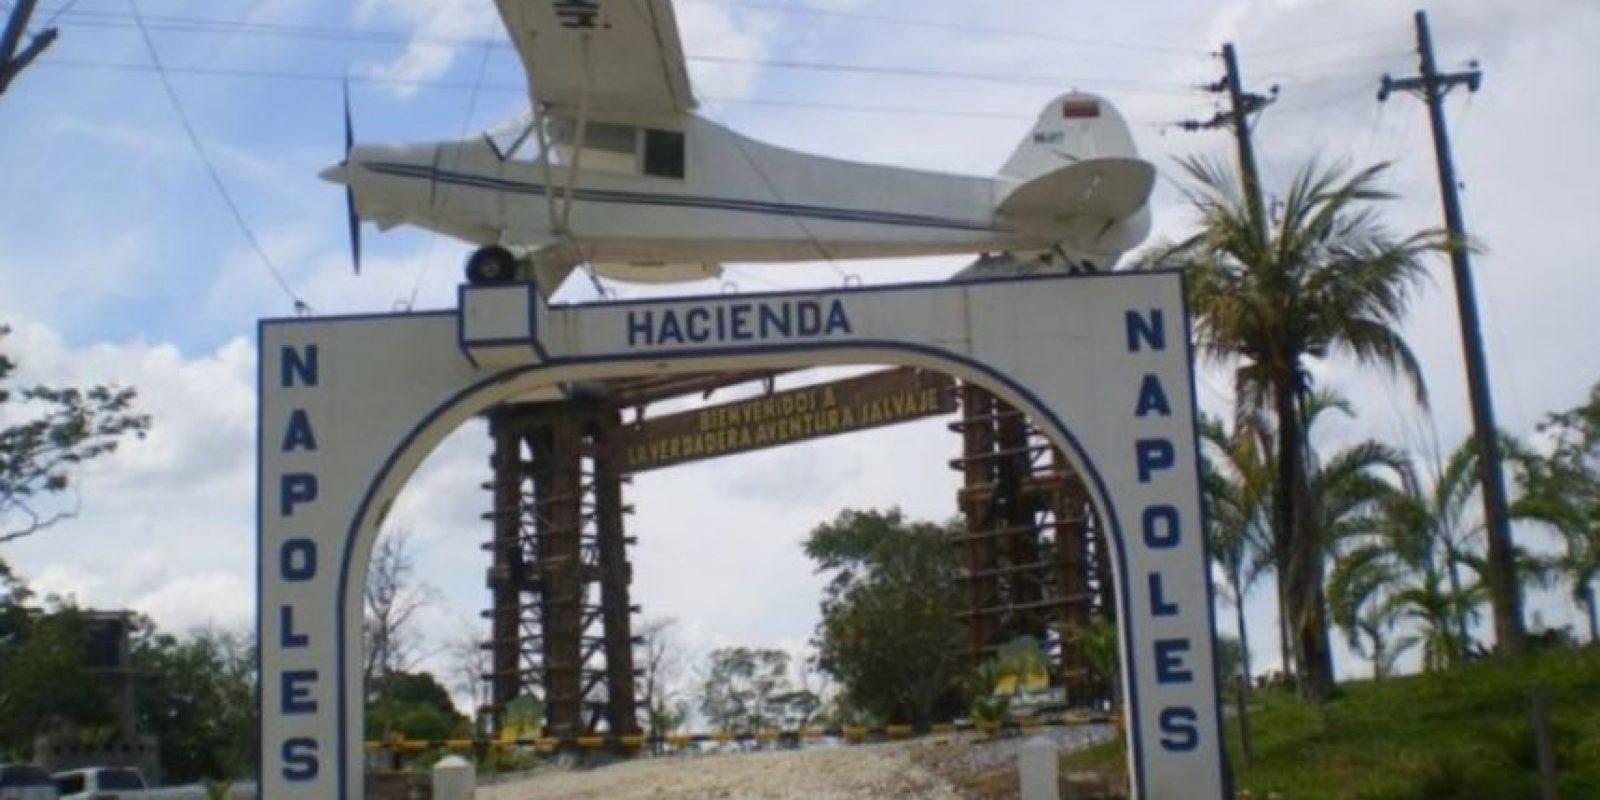 El lugar se encuentra 165 kilómetros de Medellín. Foto:Flickr.com